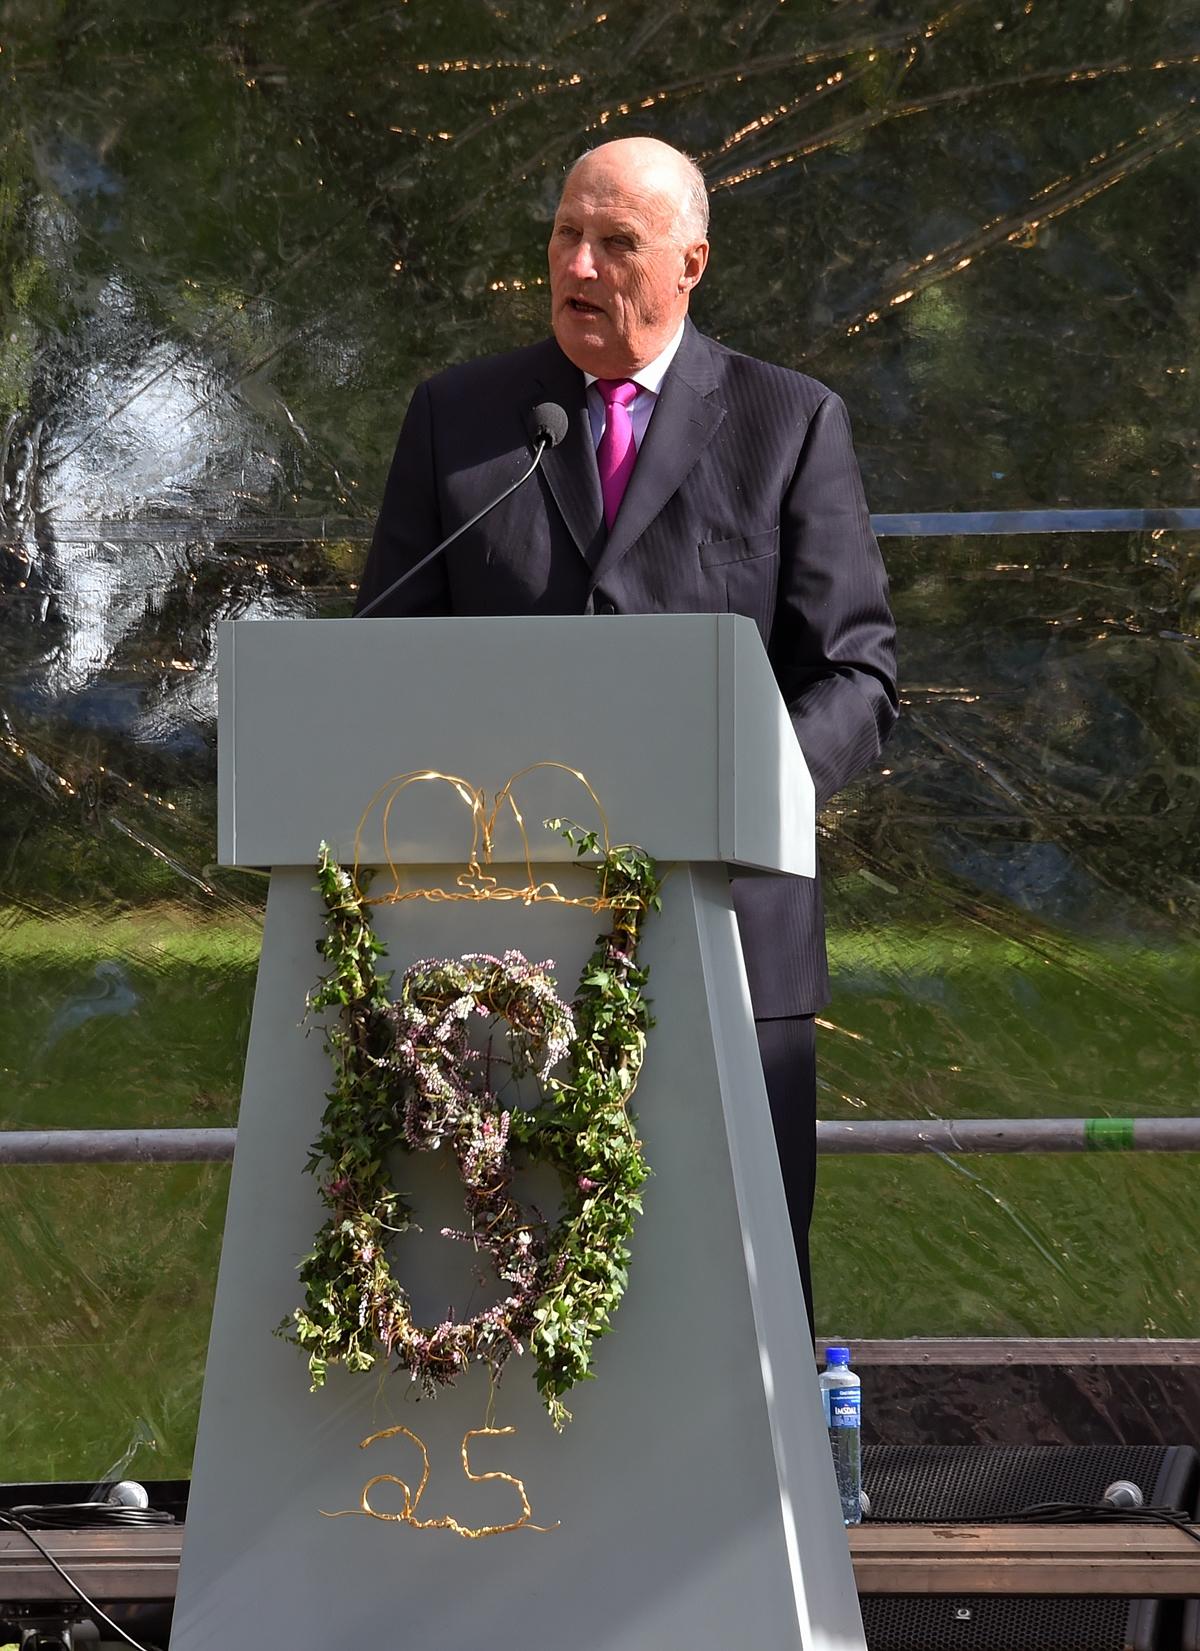 Kong Harald ønsker velkommen til jubileumsarrangementet 1. september 2016. (Foto: Sven Gj. Gjeruldsen, Det kongelige hoff).